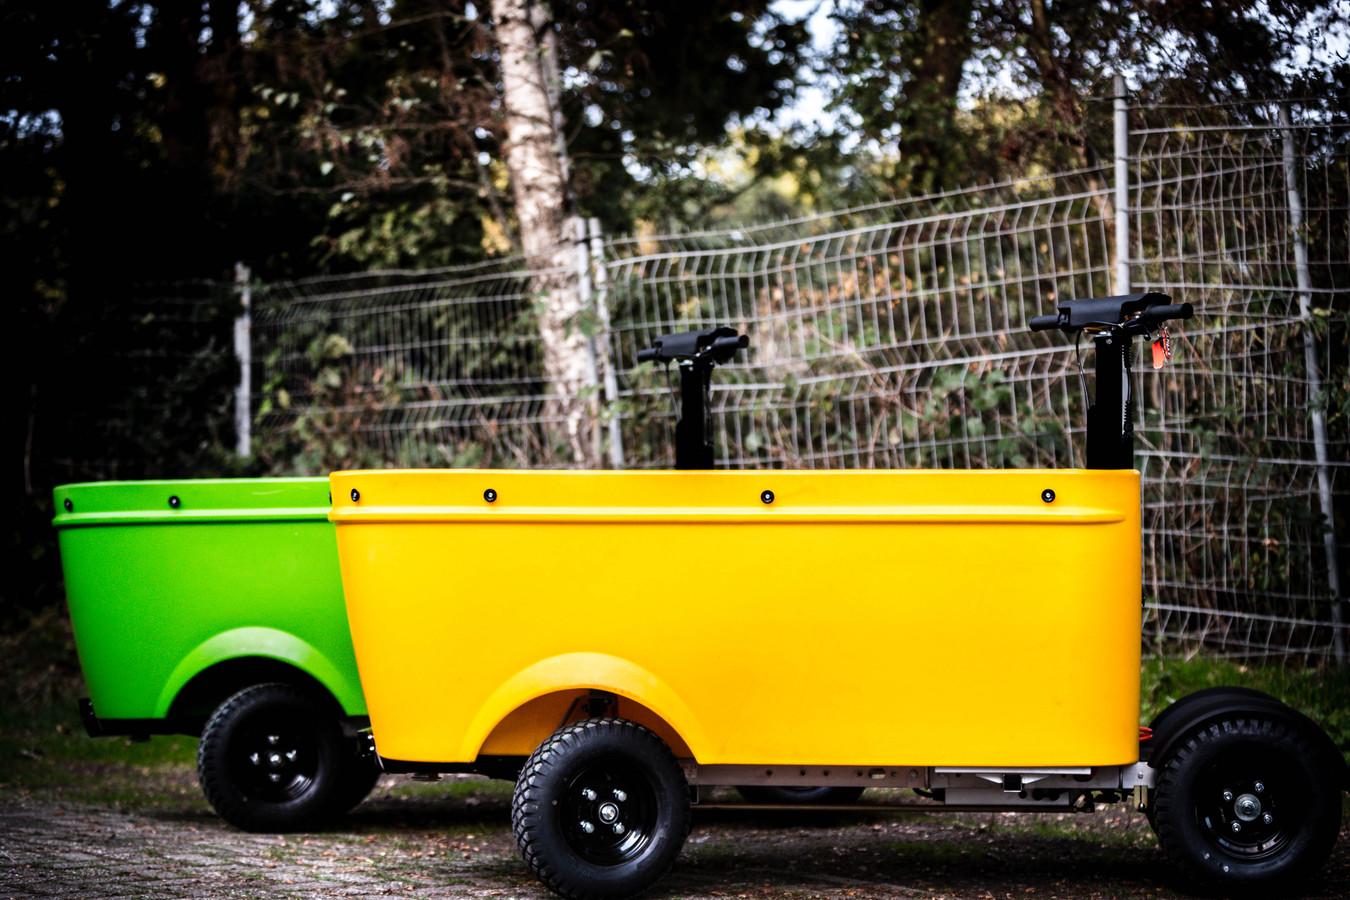 Een ouder model van het elektrisch aangedreven voertuig van Stint Urban Mobility. Foto ter illustratie.